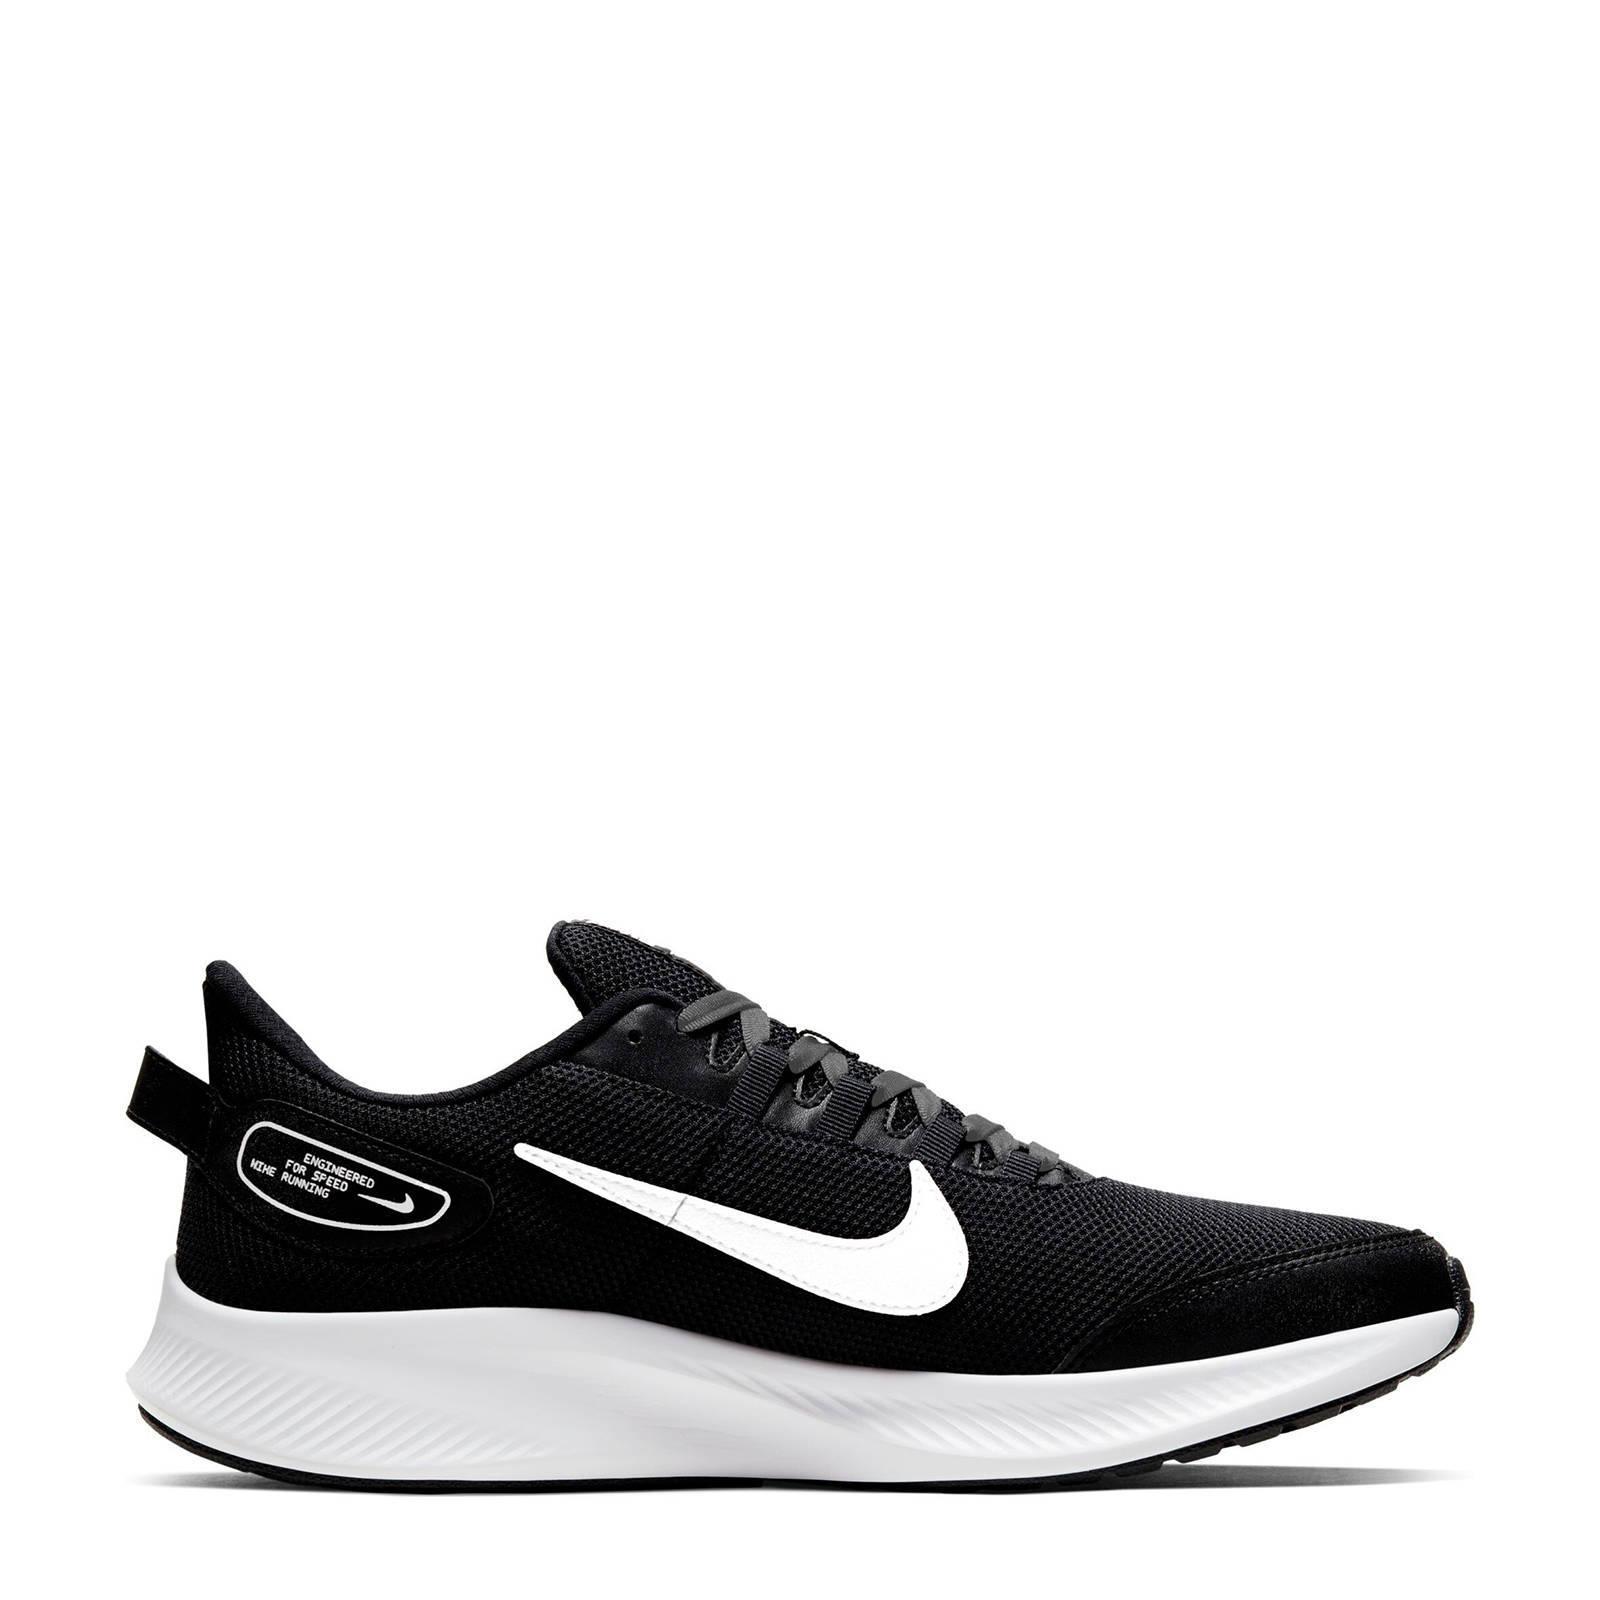 Nike Run All Day 2 hardloopschoenen zwart/wit/grijs online kopen